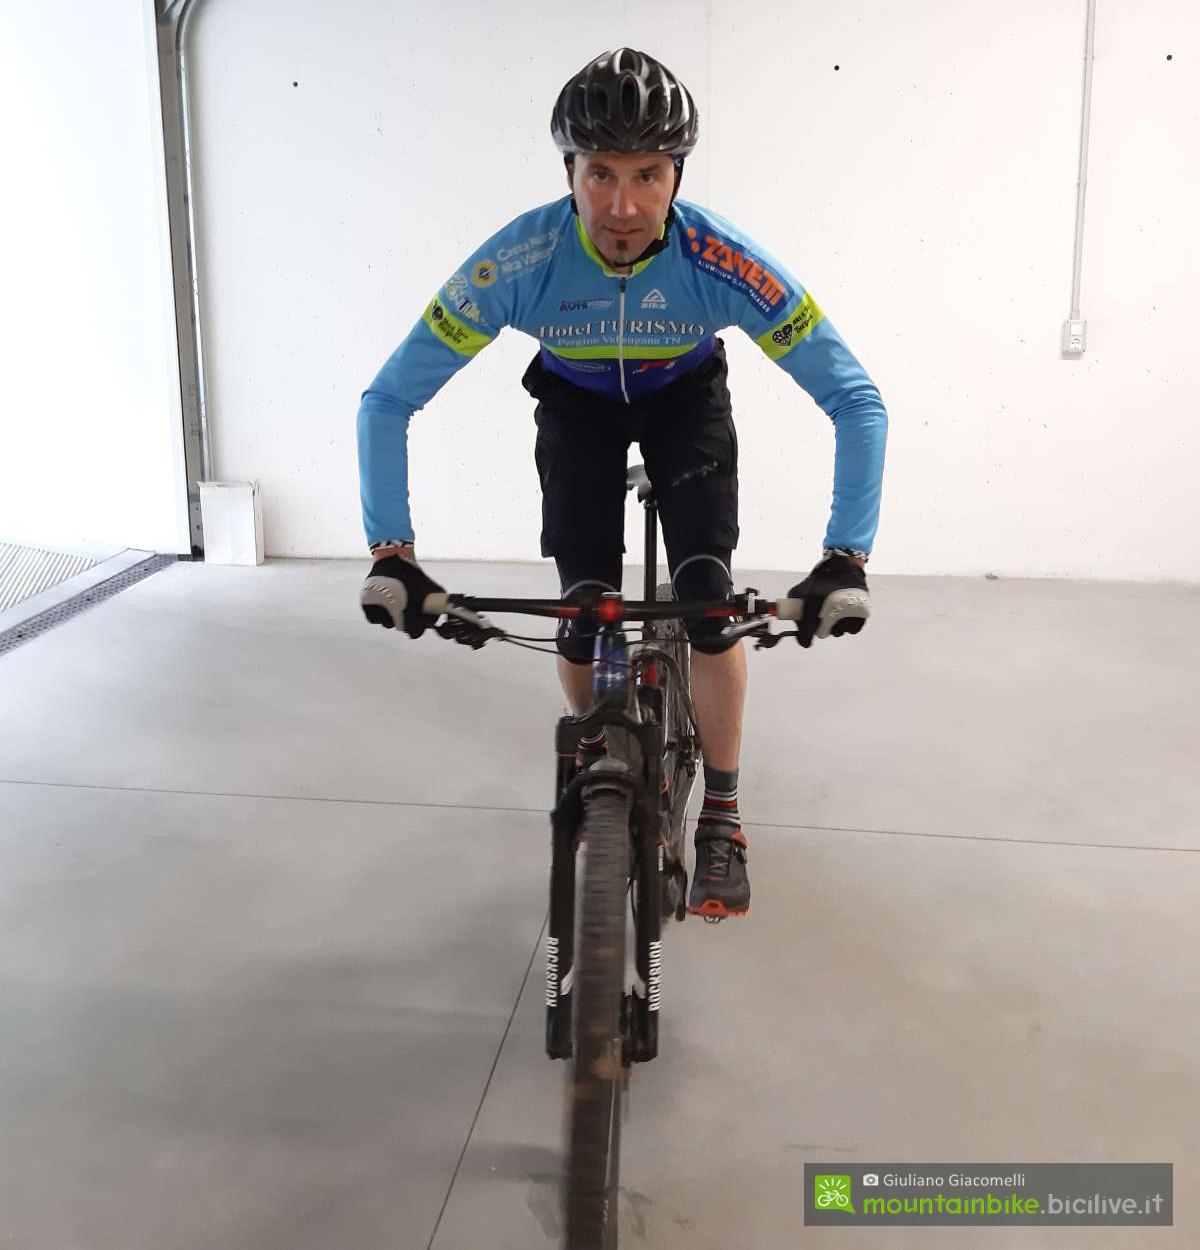 Rider mtb mostrala posizione base vista di fronte con i gomiti all'esterno